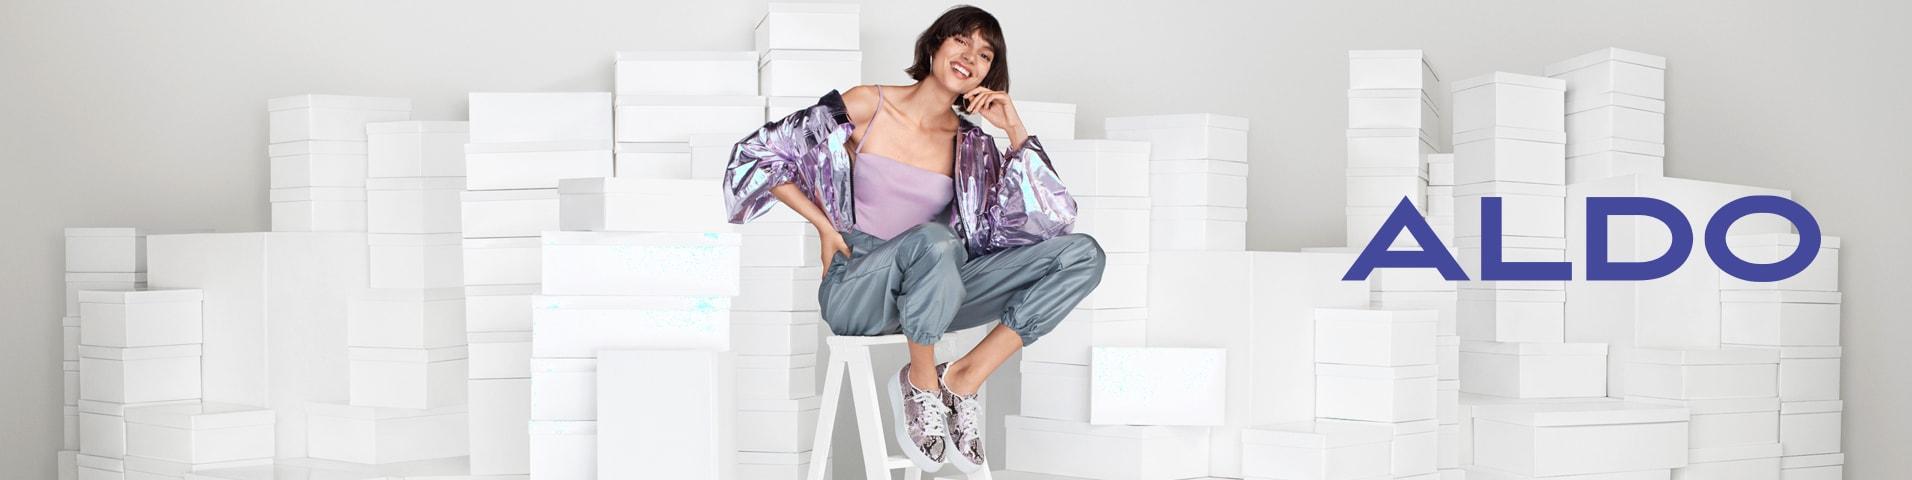 Oliwkowe Moda damska ALDO w promocji | Tanie buty, ubrania i